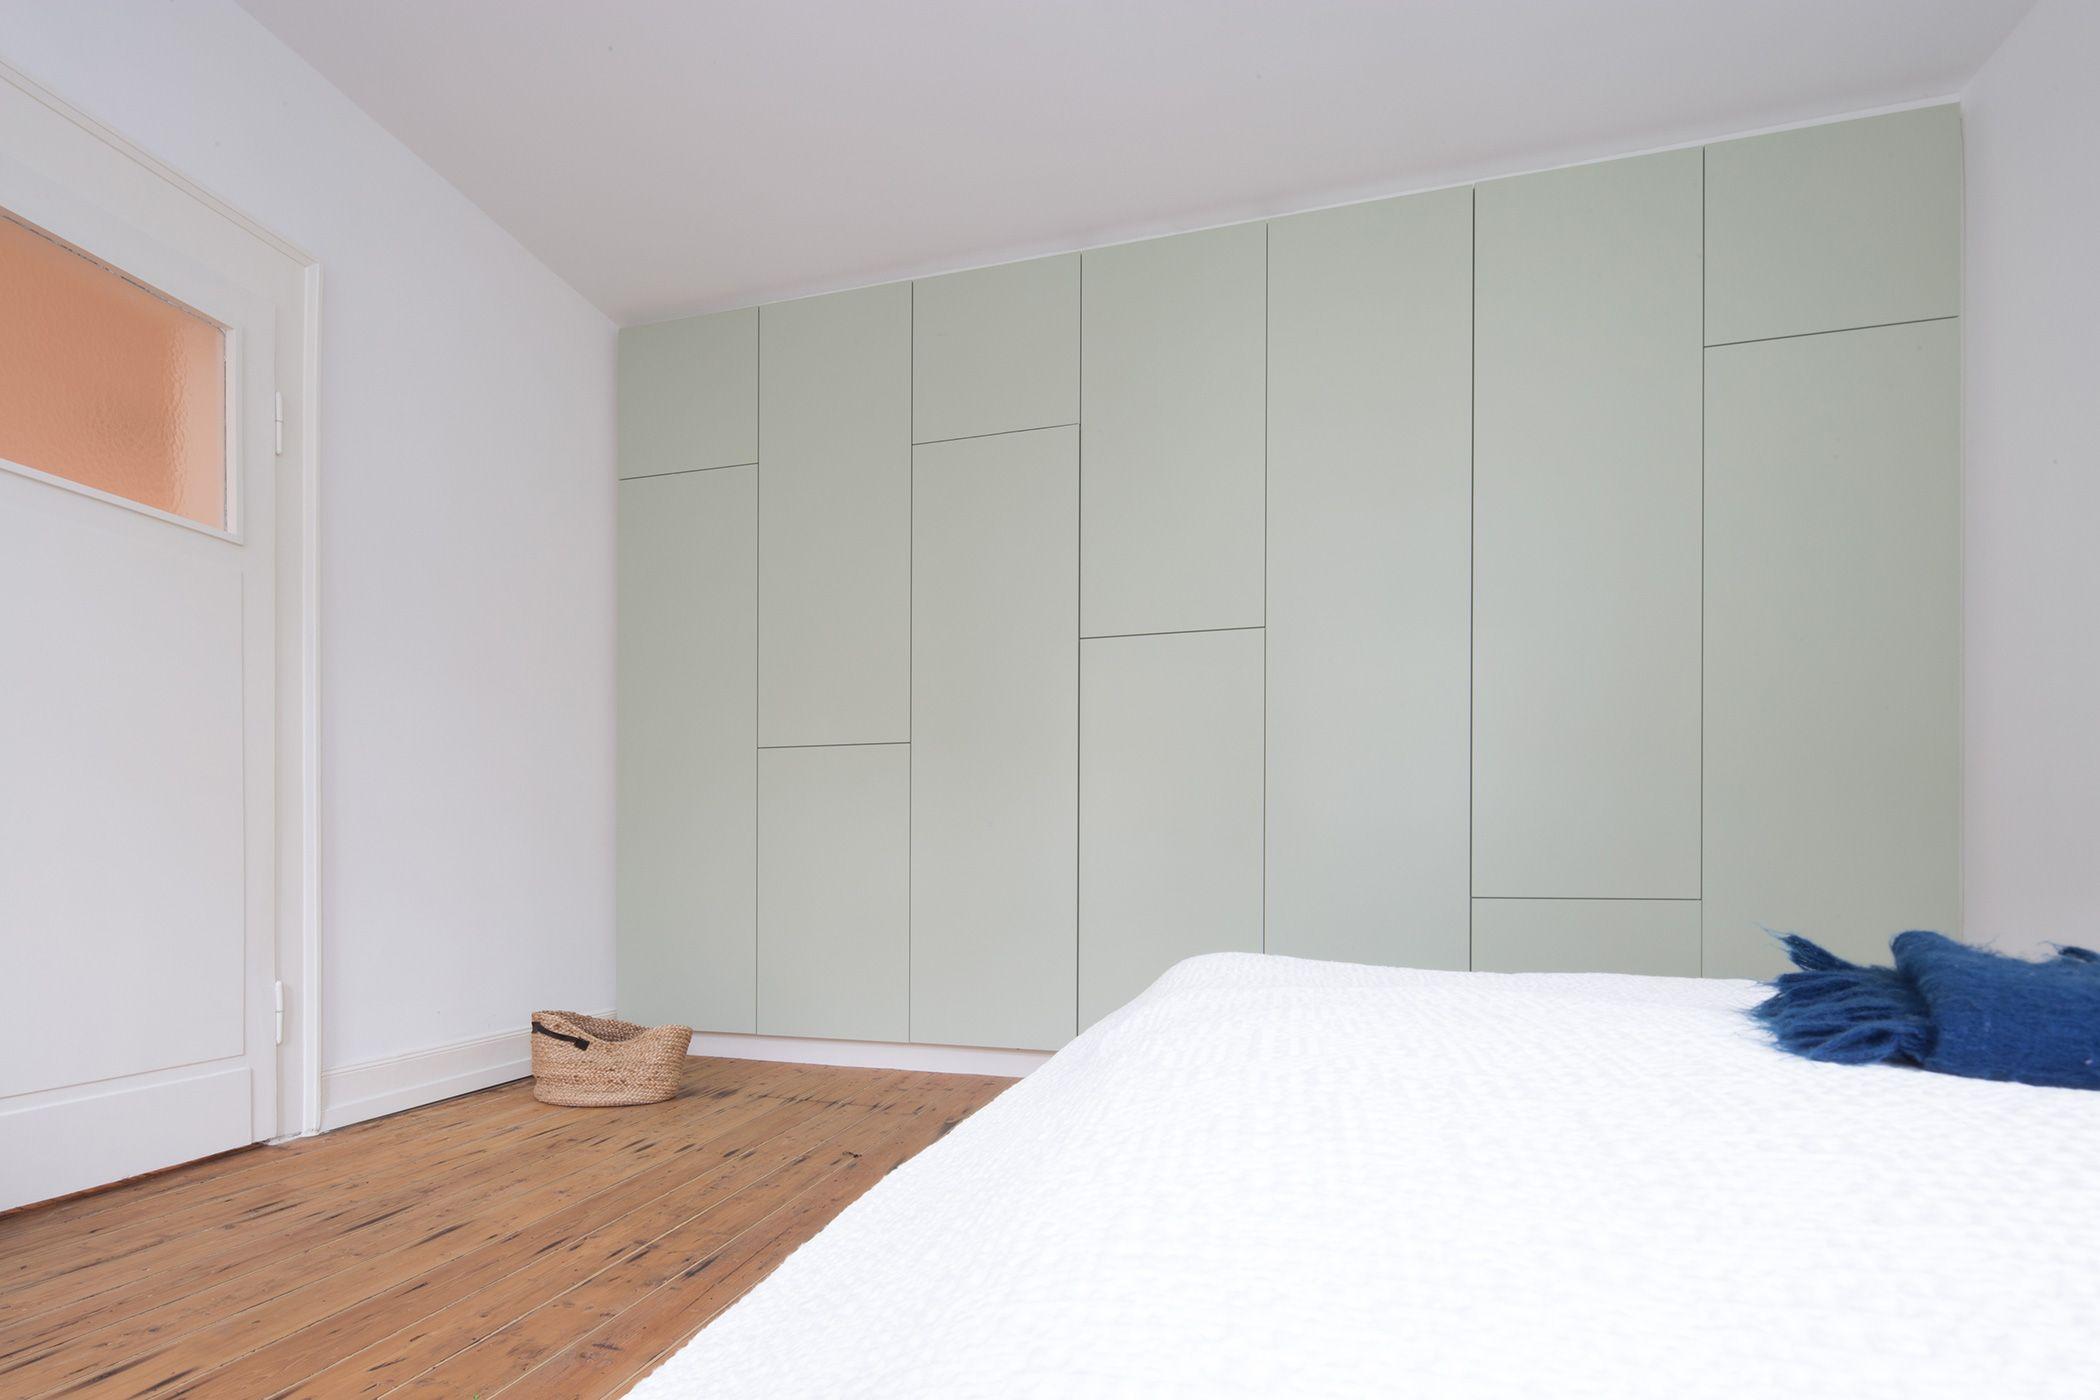 Einbauschrank, Schrankwand, Schlafzimmerschrank, Schrank